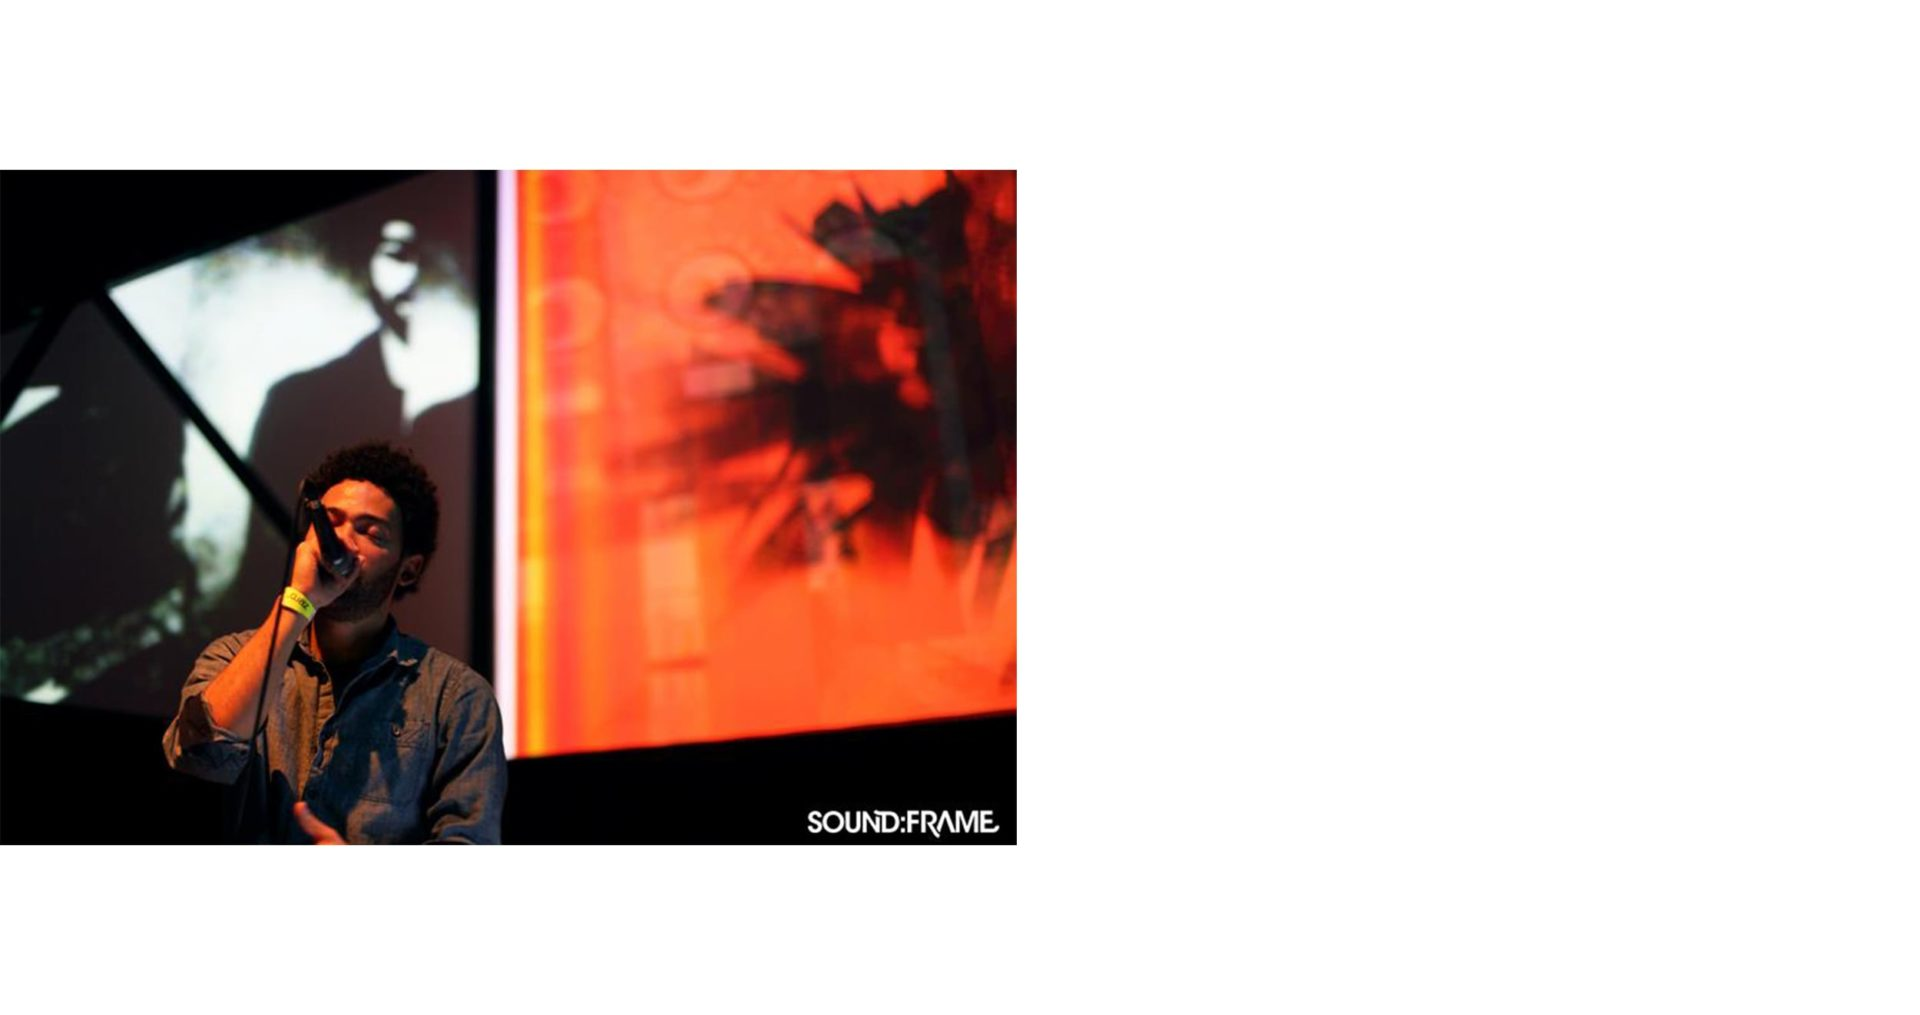 VALENCE SOUNDFRAME Q 04 min